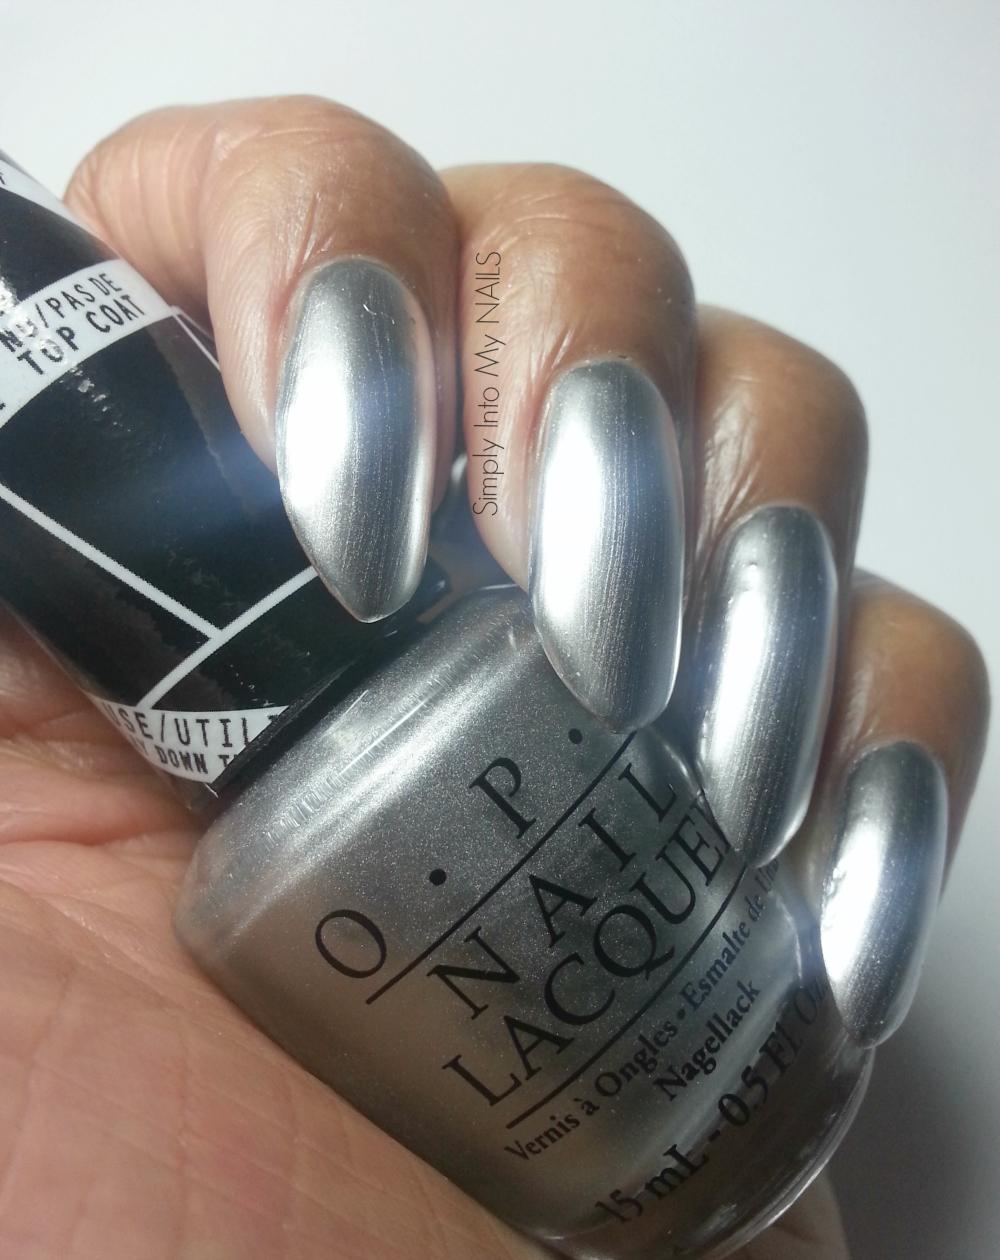 My Nail Polish Obsession My Birthday Nails: Push & Shove By OPI